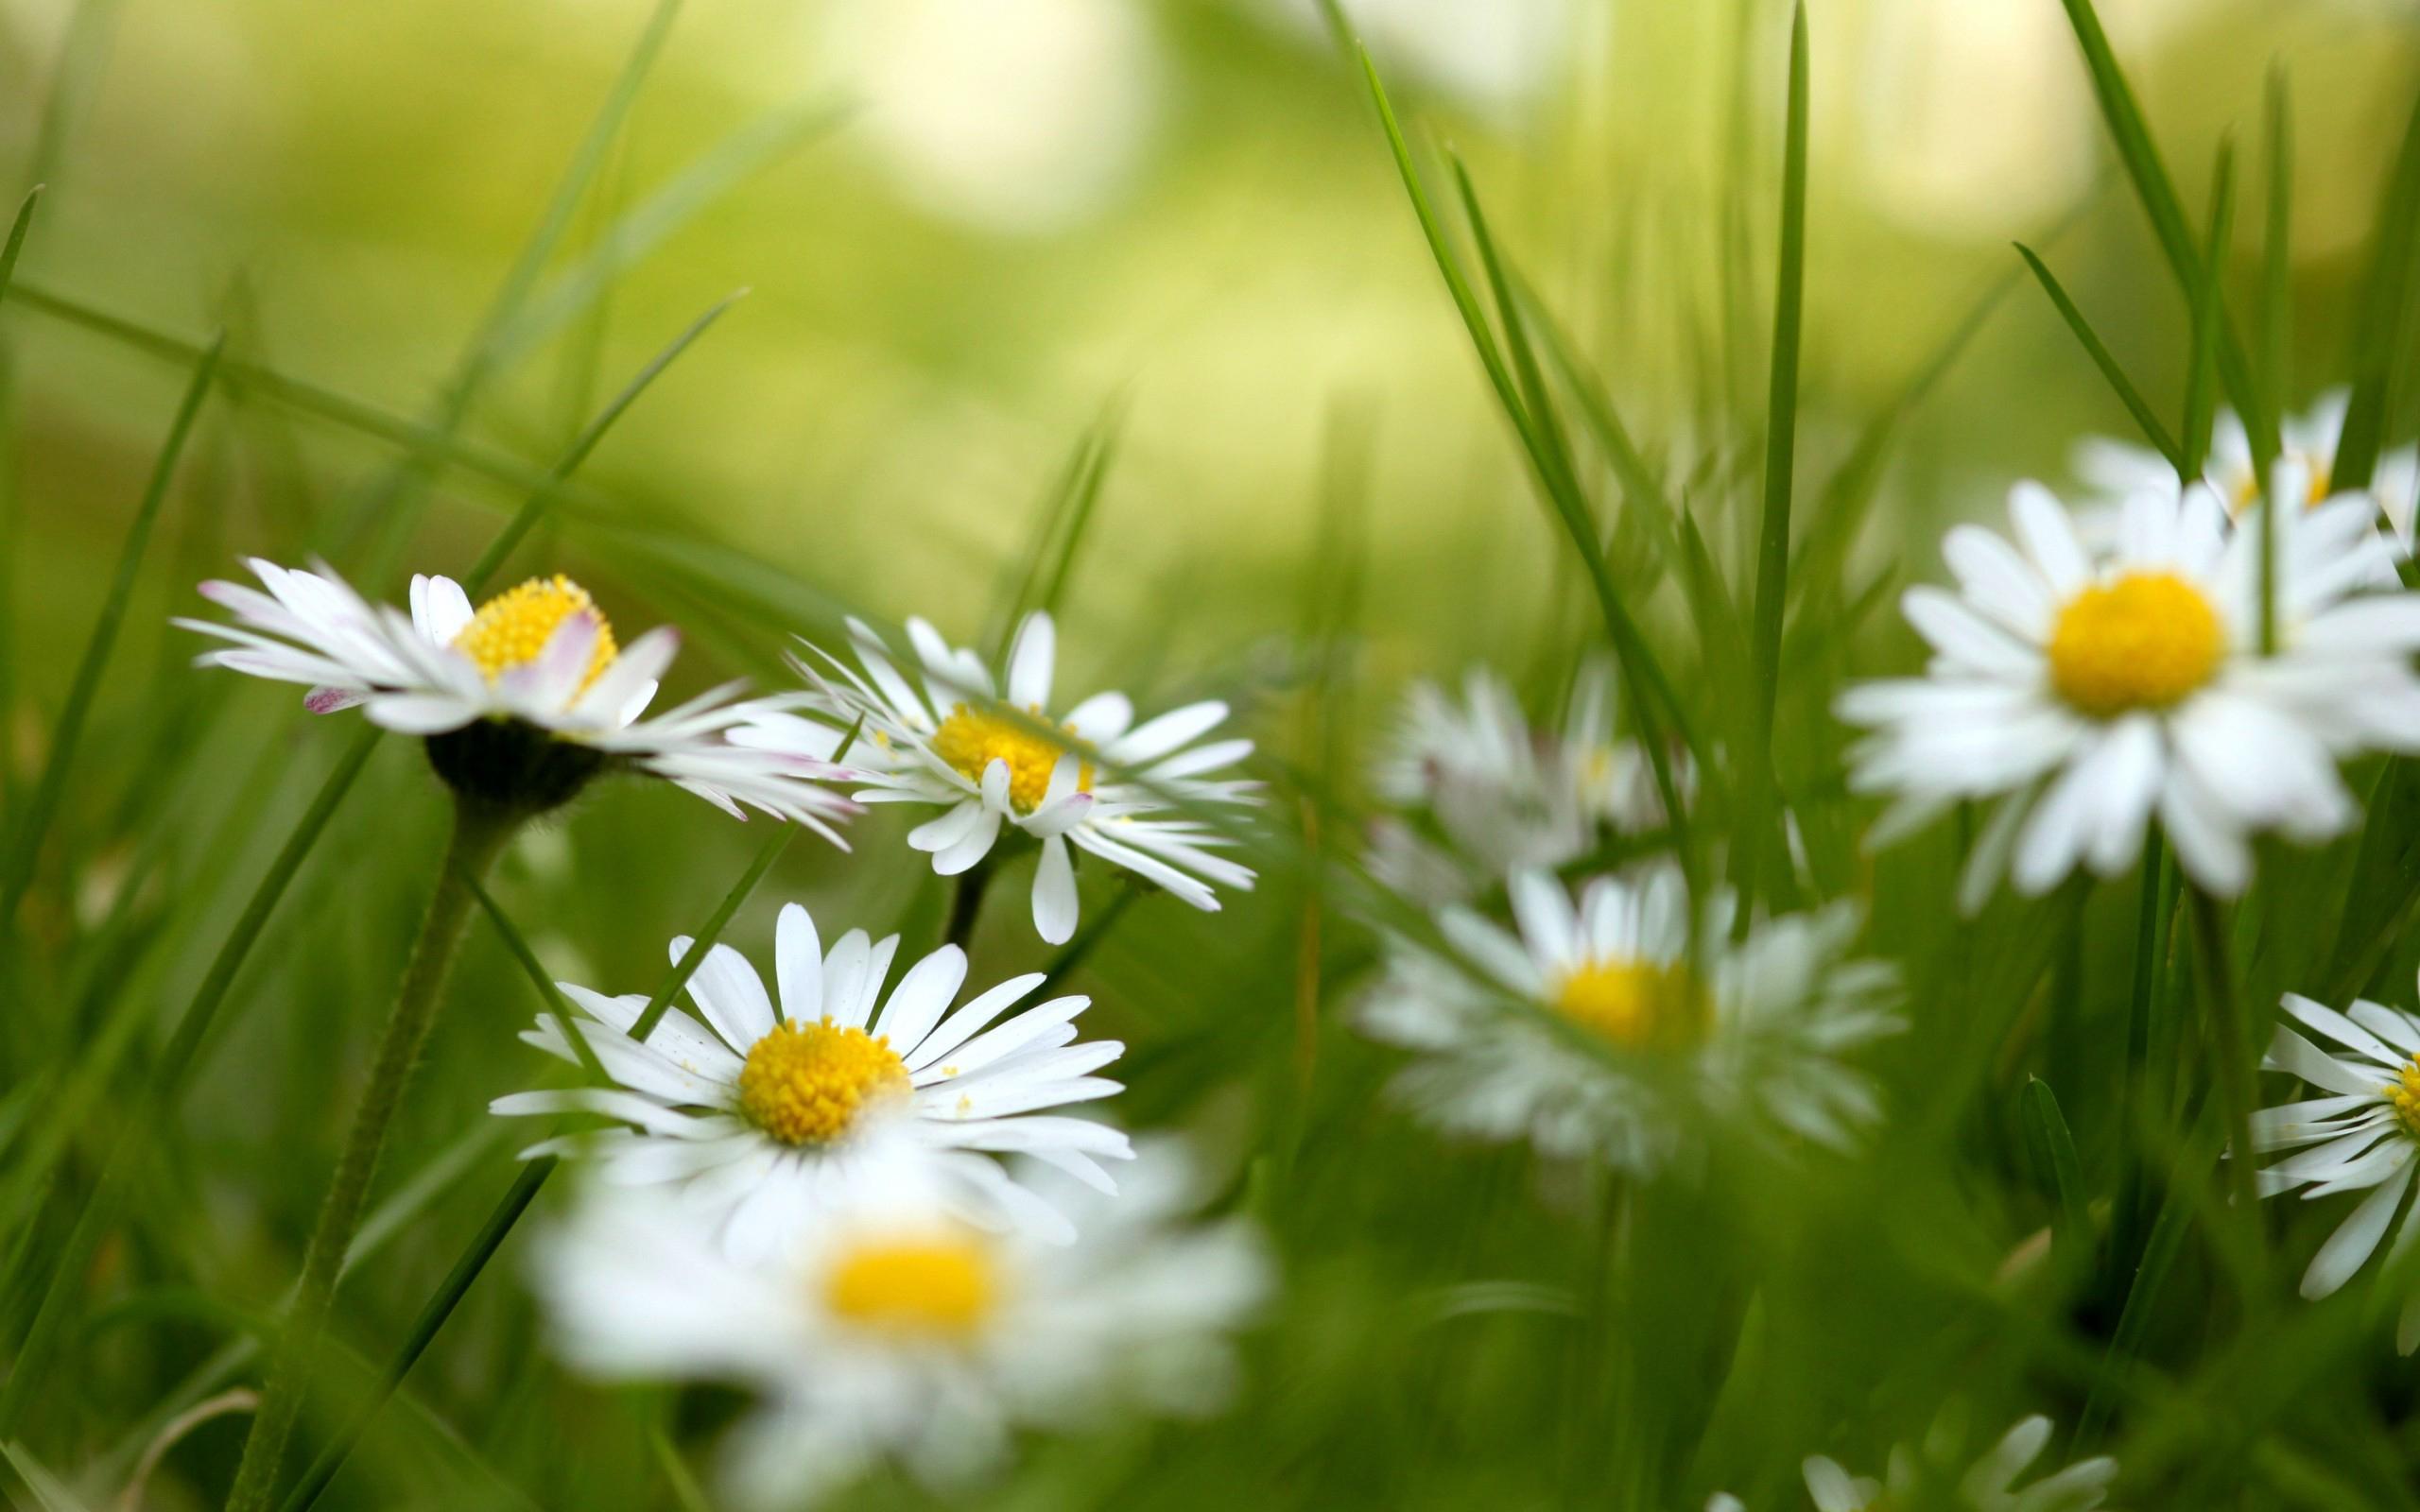 ромашка цветы фокус  № 1096415 загрузить